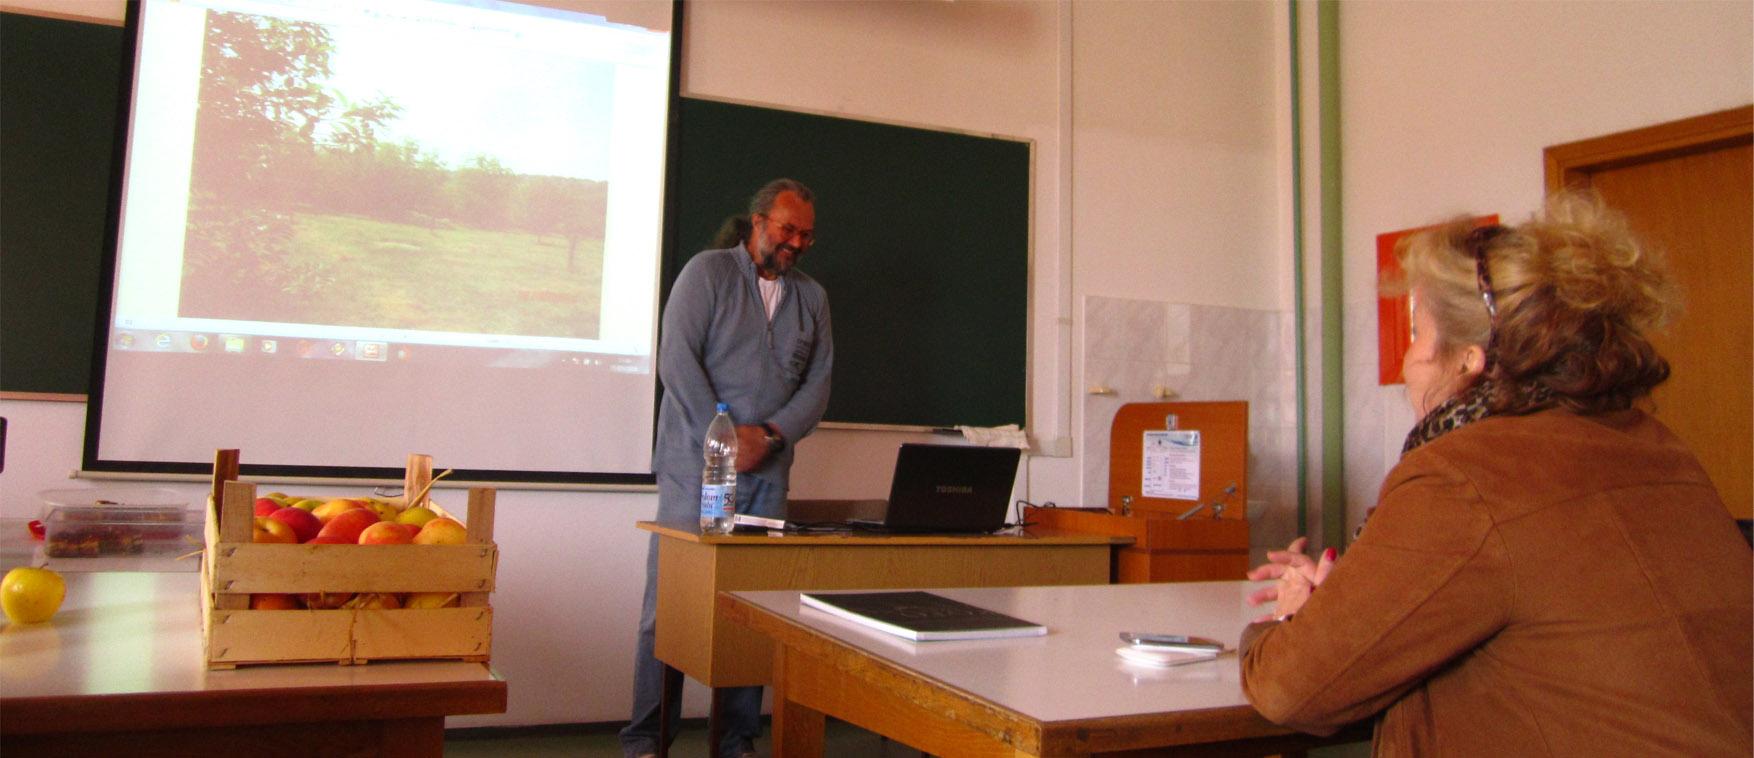 06 ubrzani kurs zemljane arhitekture Vuk Krstic i kuca od slame u Irigu